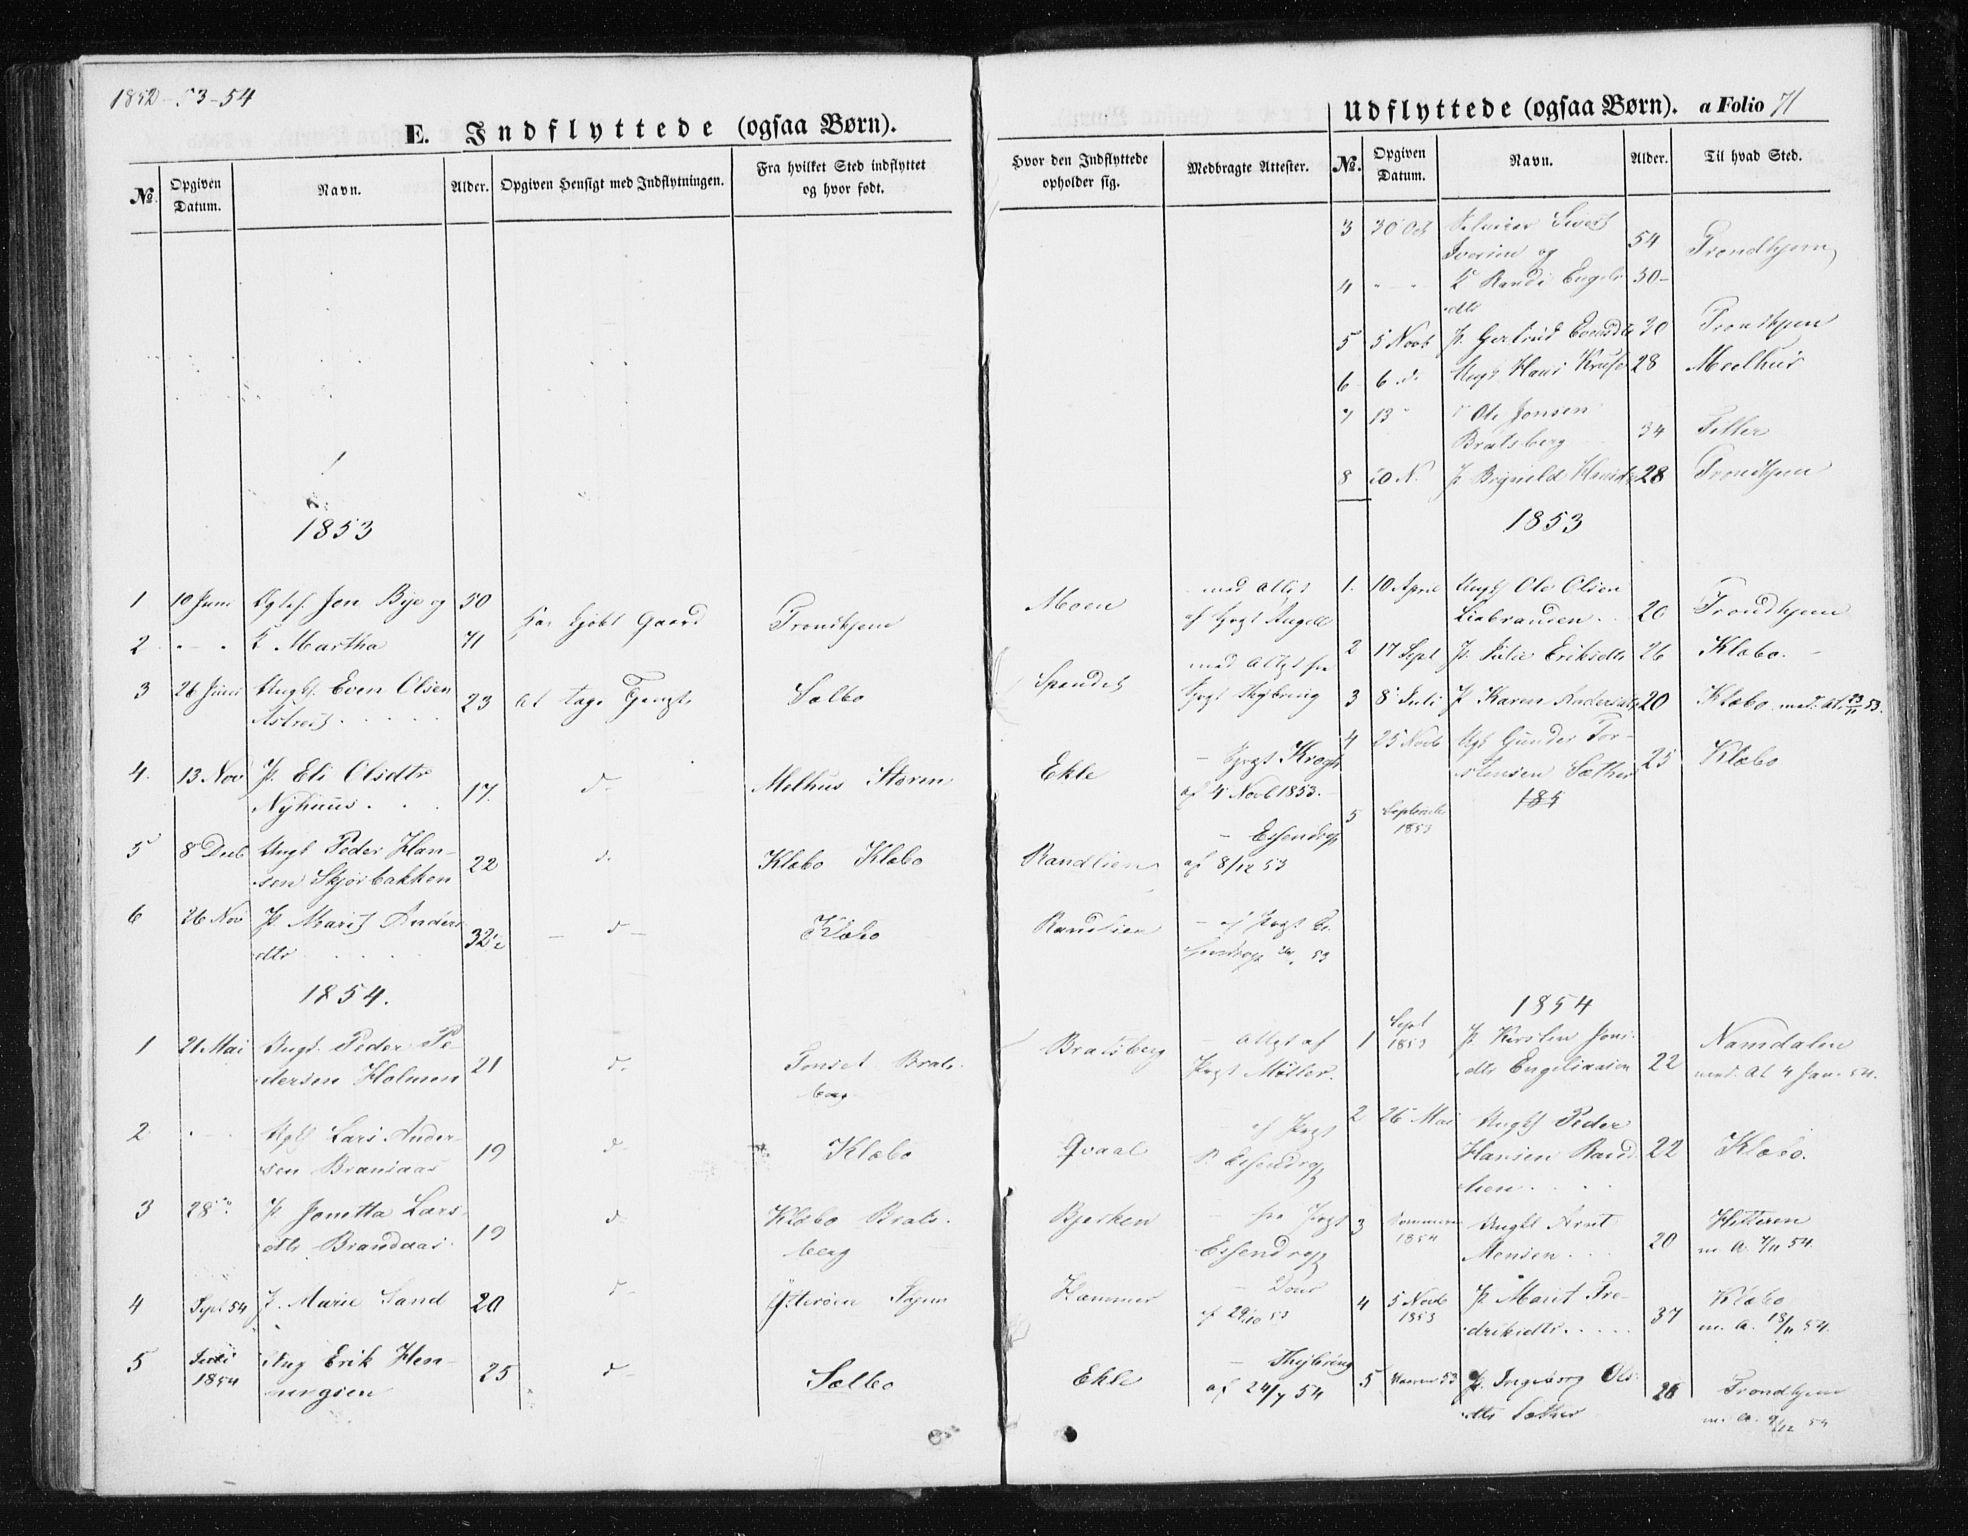 SAT, Ministerialprotokoller, klokkerbøker og fødselsregistre - Sør-Trøndelag, 608/L0332: Ministerialbok nr. 608A01, 1848-1861, s. 71